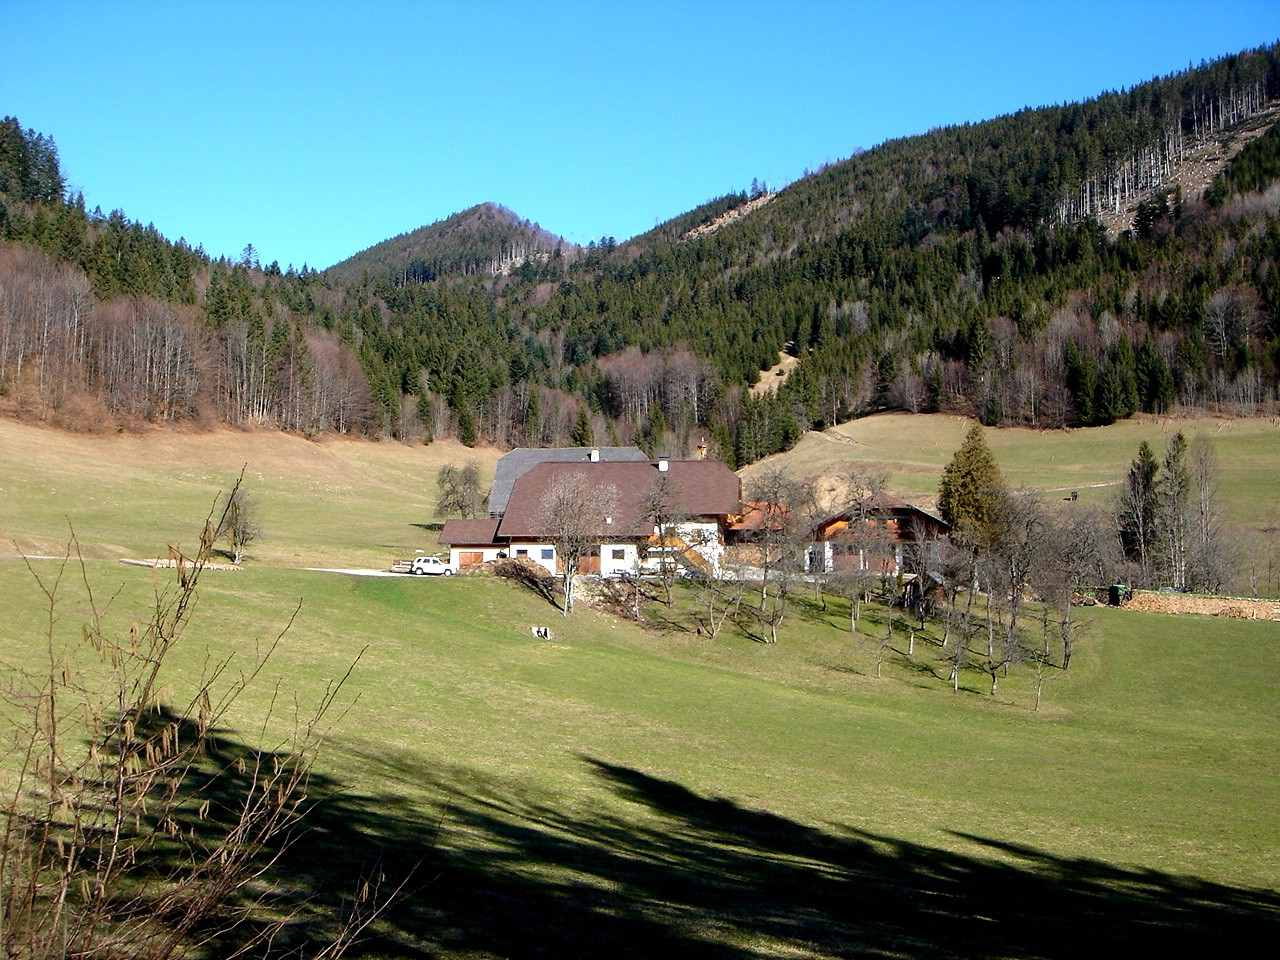 Foto: Manfred Karl / Wander Tour / Aus der Tiefbrunnau auf den Filbling / Vom Ausgangspunkt hat man einen schönen Blick auf das Gehöft Pillstein. / 25.04.2007 23:15:58